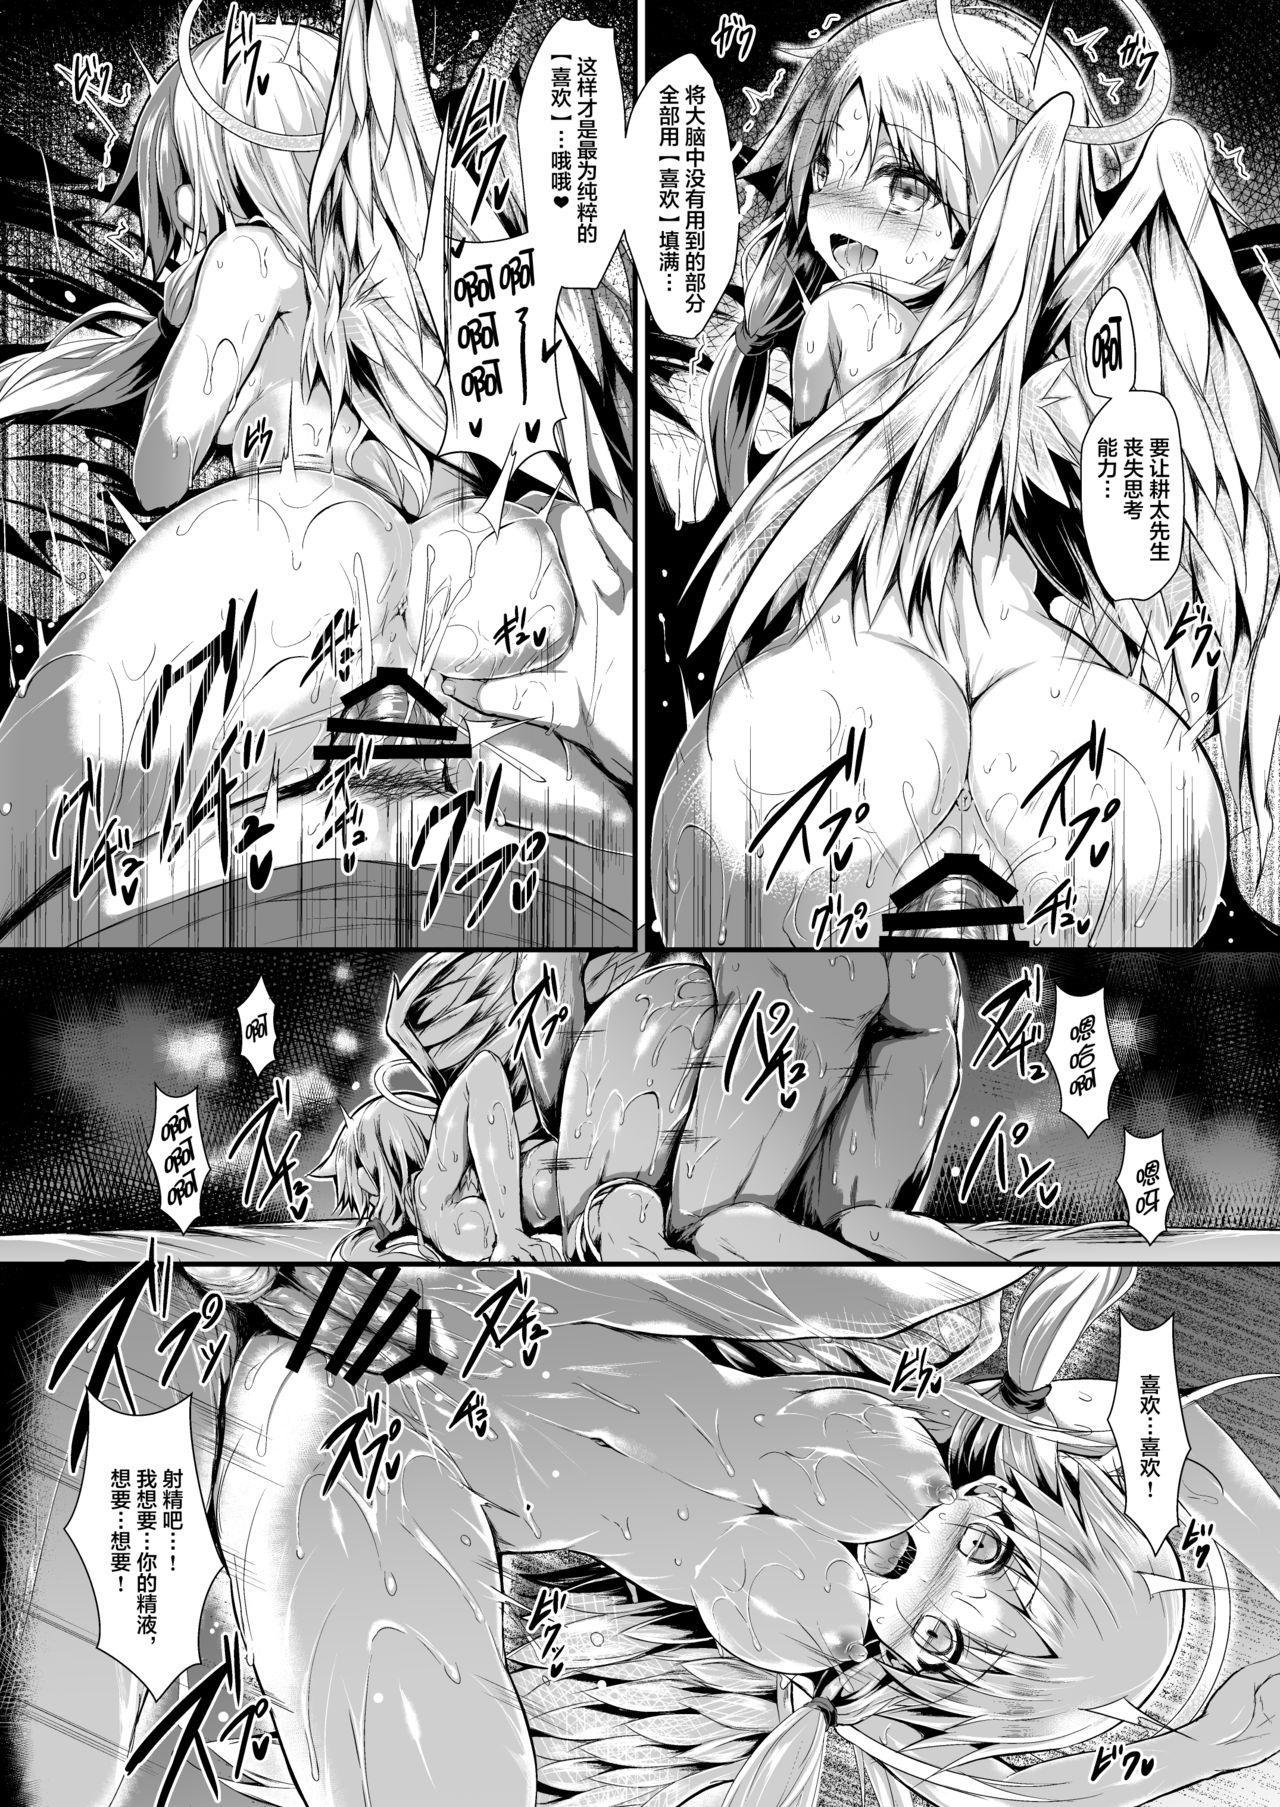 Futari de Issho ni Tsukurimashou. 49